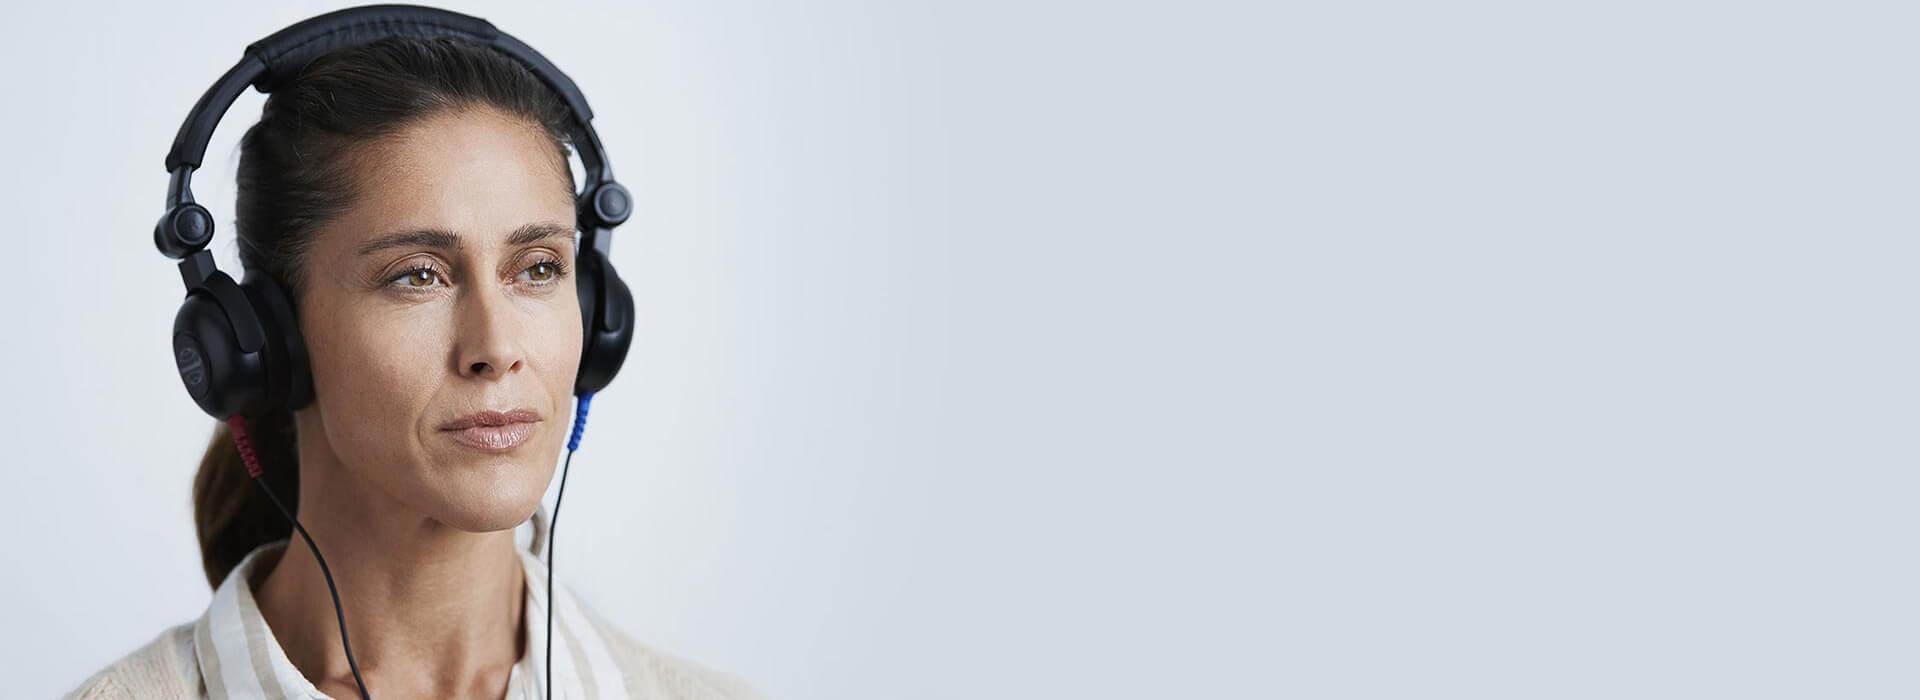 hearing-test-introbanner_tilskud